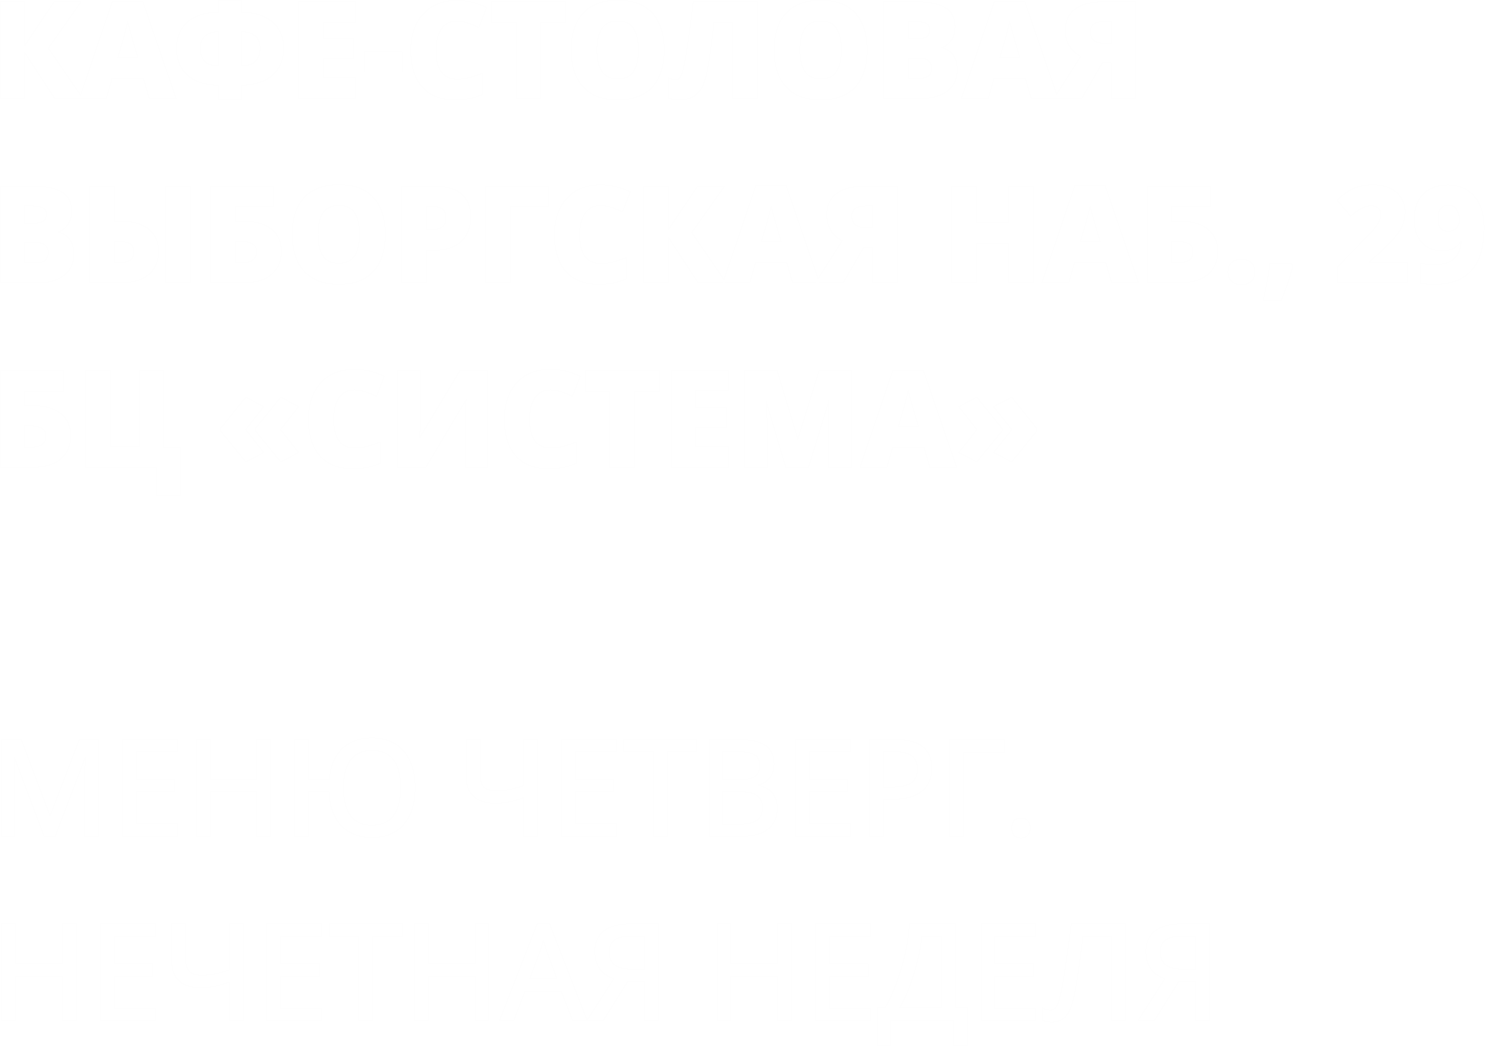 """КАФЕ-СТОЛОВАЯ БЦ """"СИСТЕМА"""" Выборгская наб., 29 МЕНЮ ЧЕТВЕРГ. НЕЧЕТНАЯ НЕДЕЛЯ"""